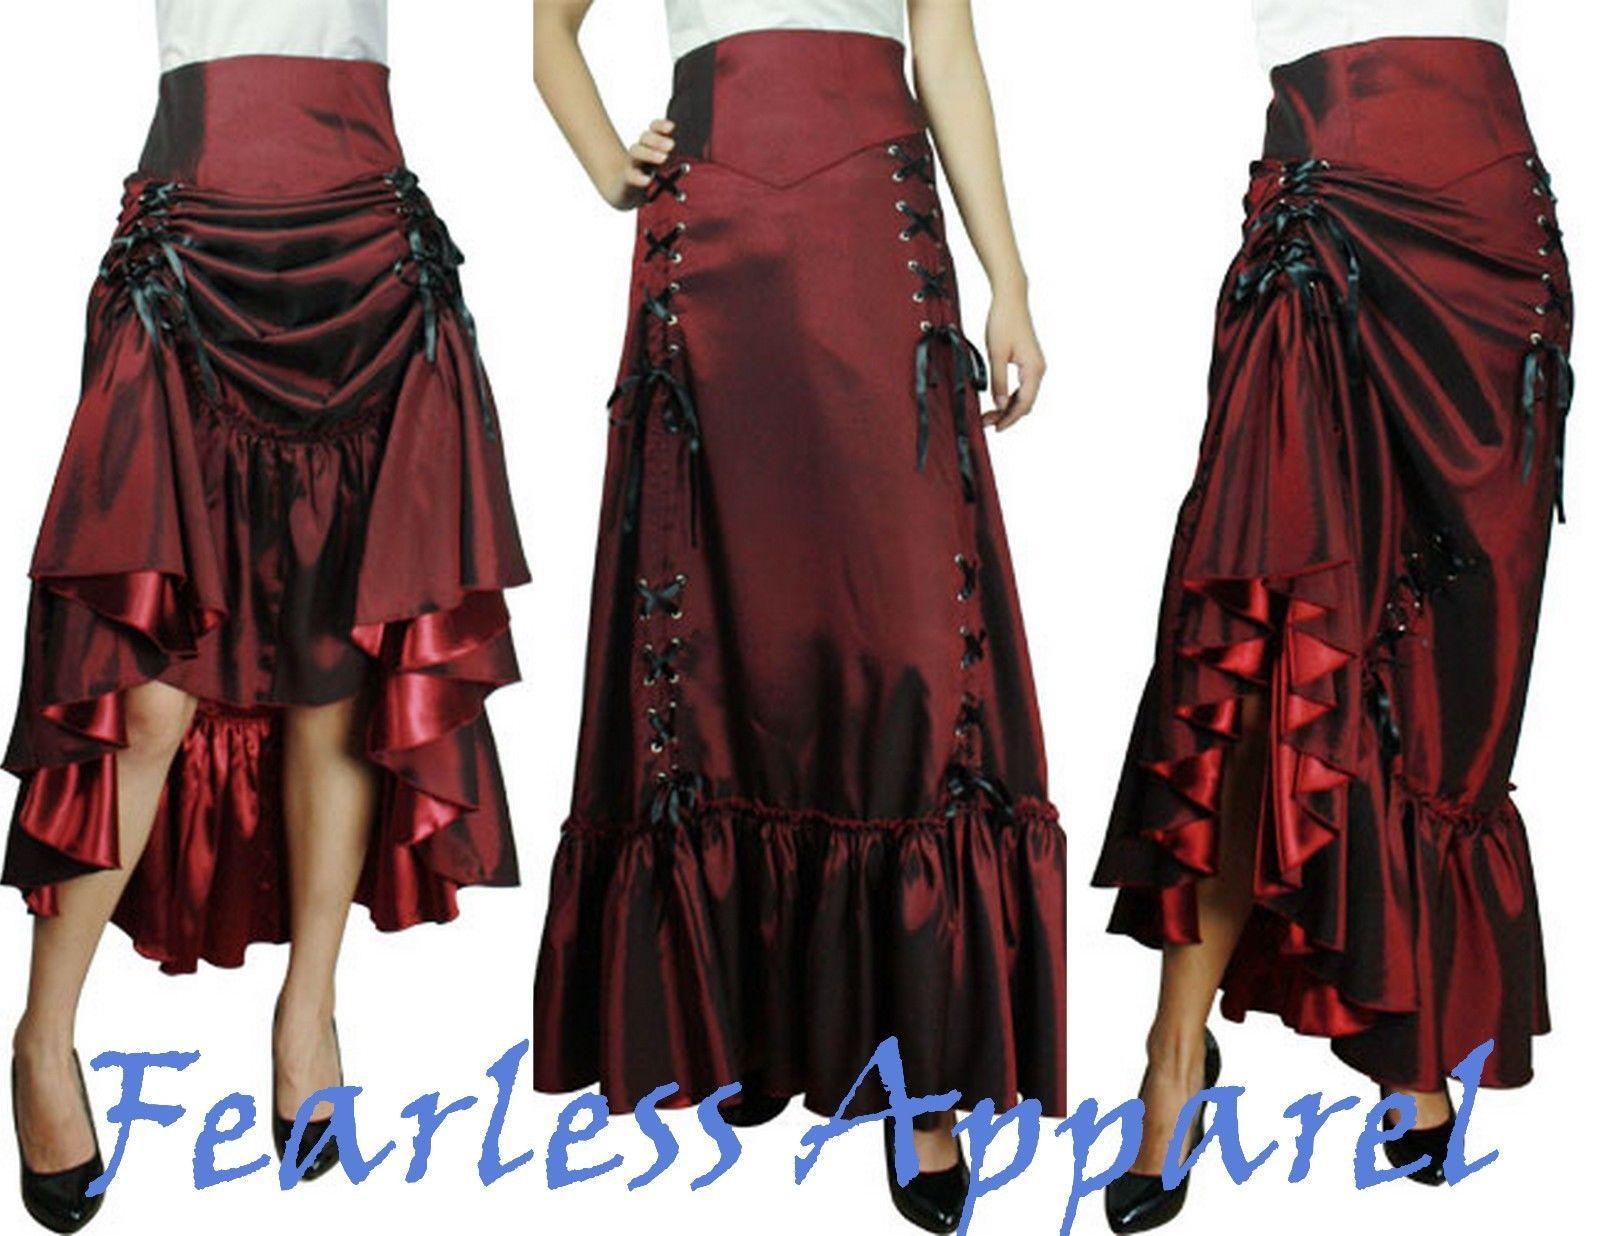 Three Way Lace Up Renaissance Skirt Burgundy Red Gothic Victorian Steampunk Punk | eBay